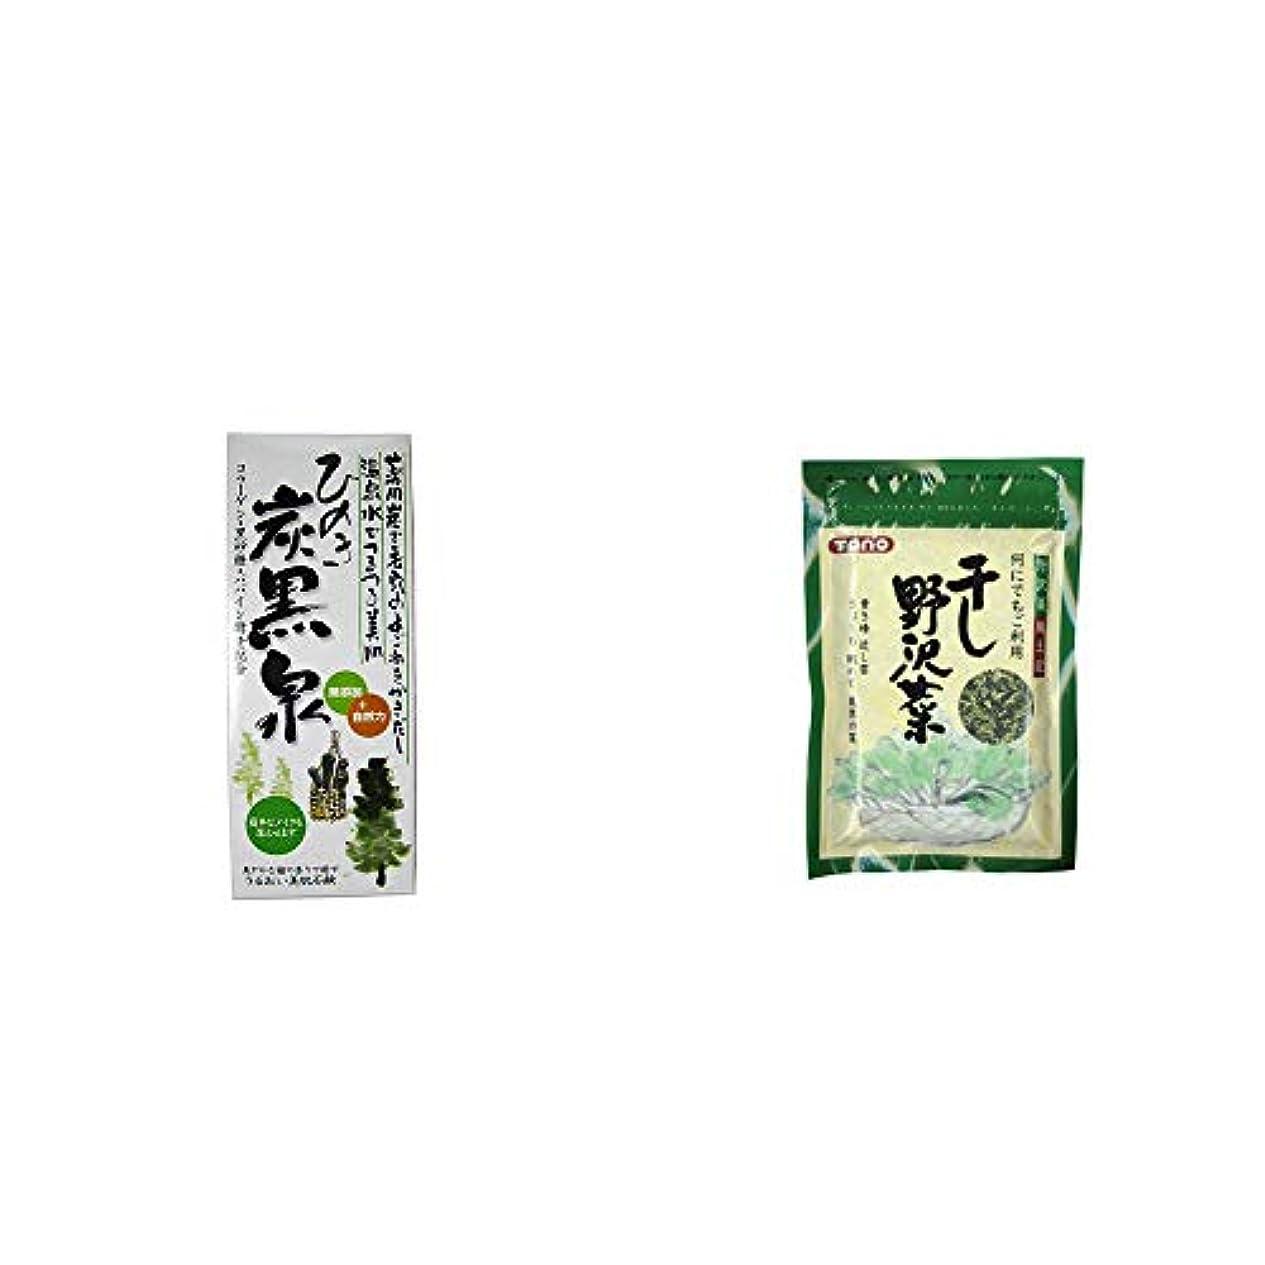 実験室モックトラフ[2点セット] ひのき炭黒泉 箱入り(75g×3)?干し野沢菜(100g)